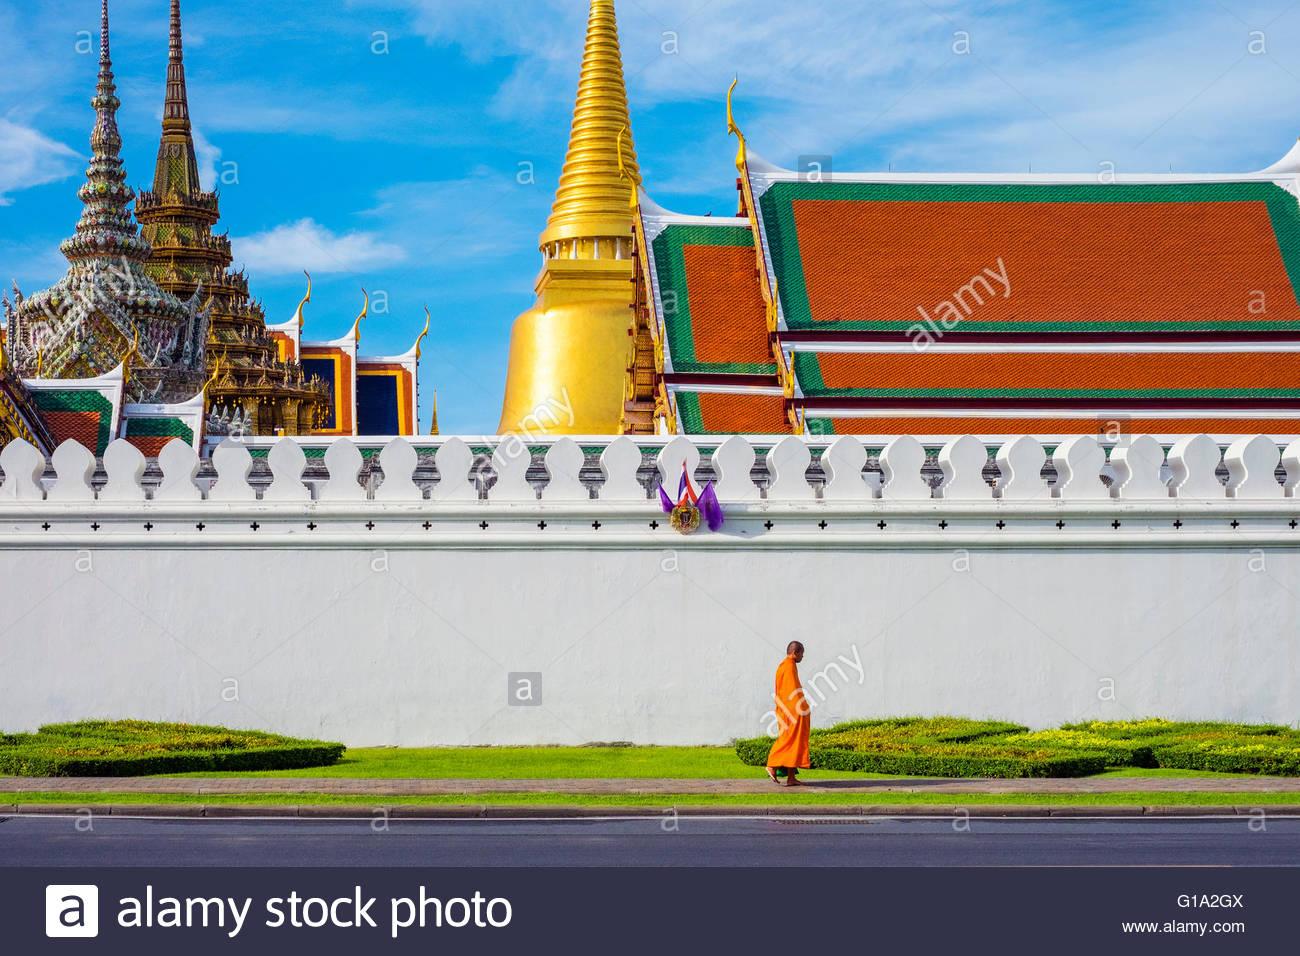 Un monje pasa delante de Wat Phra Kaew y el Gran Palacio, Bangkok, Tailandia Imagen De Stock